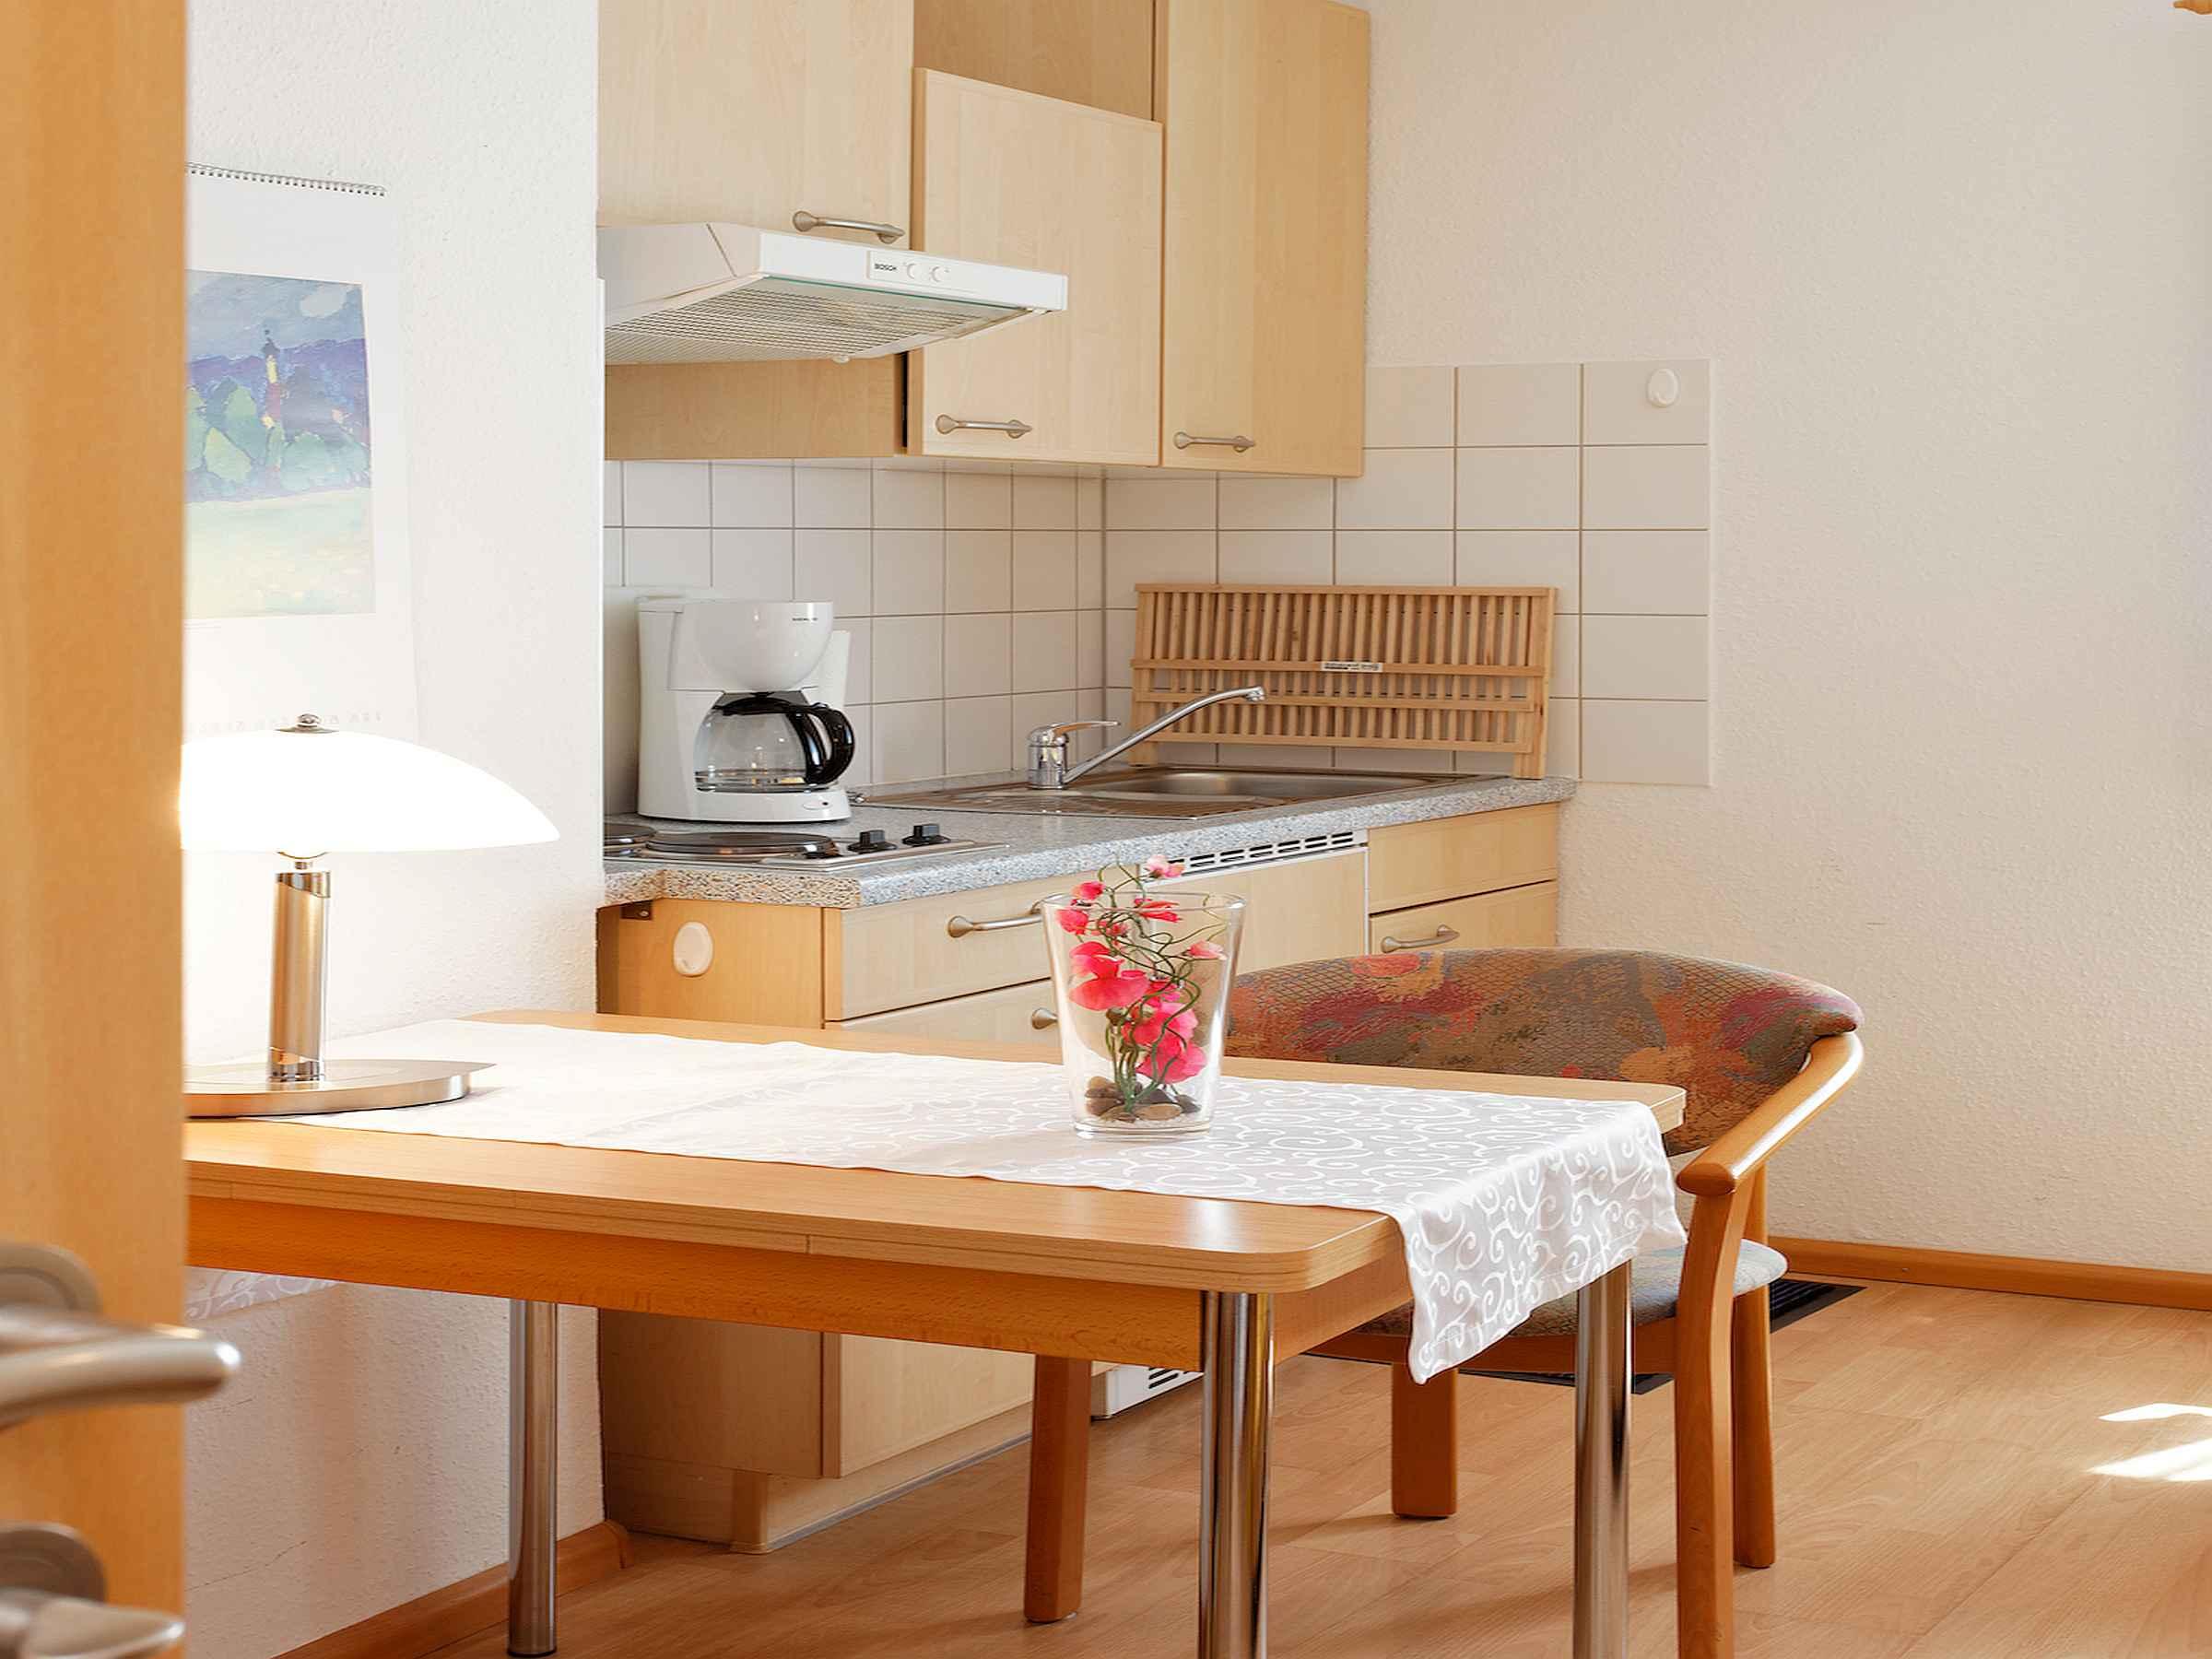 haus gisela, (freiburg). 1-zimmer-appartement mit 20 qm, für, Badezimmer ideen